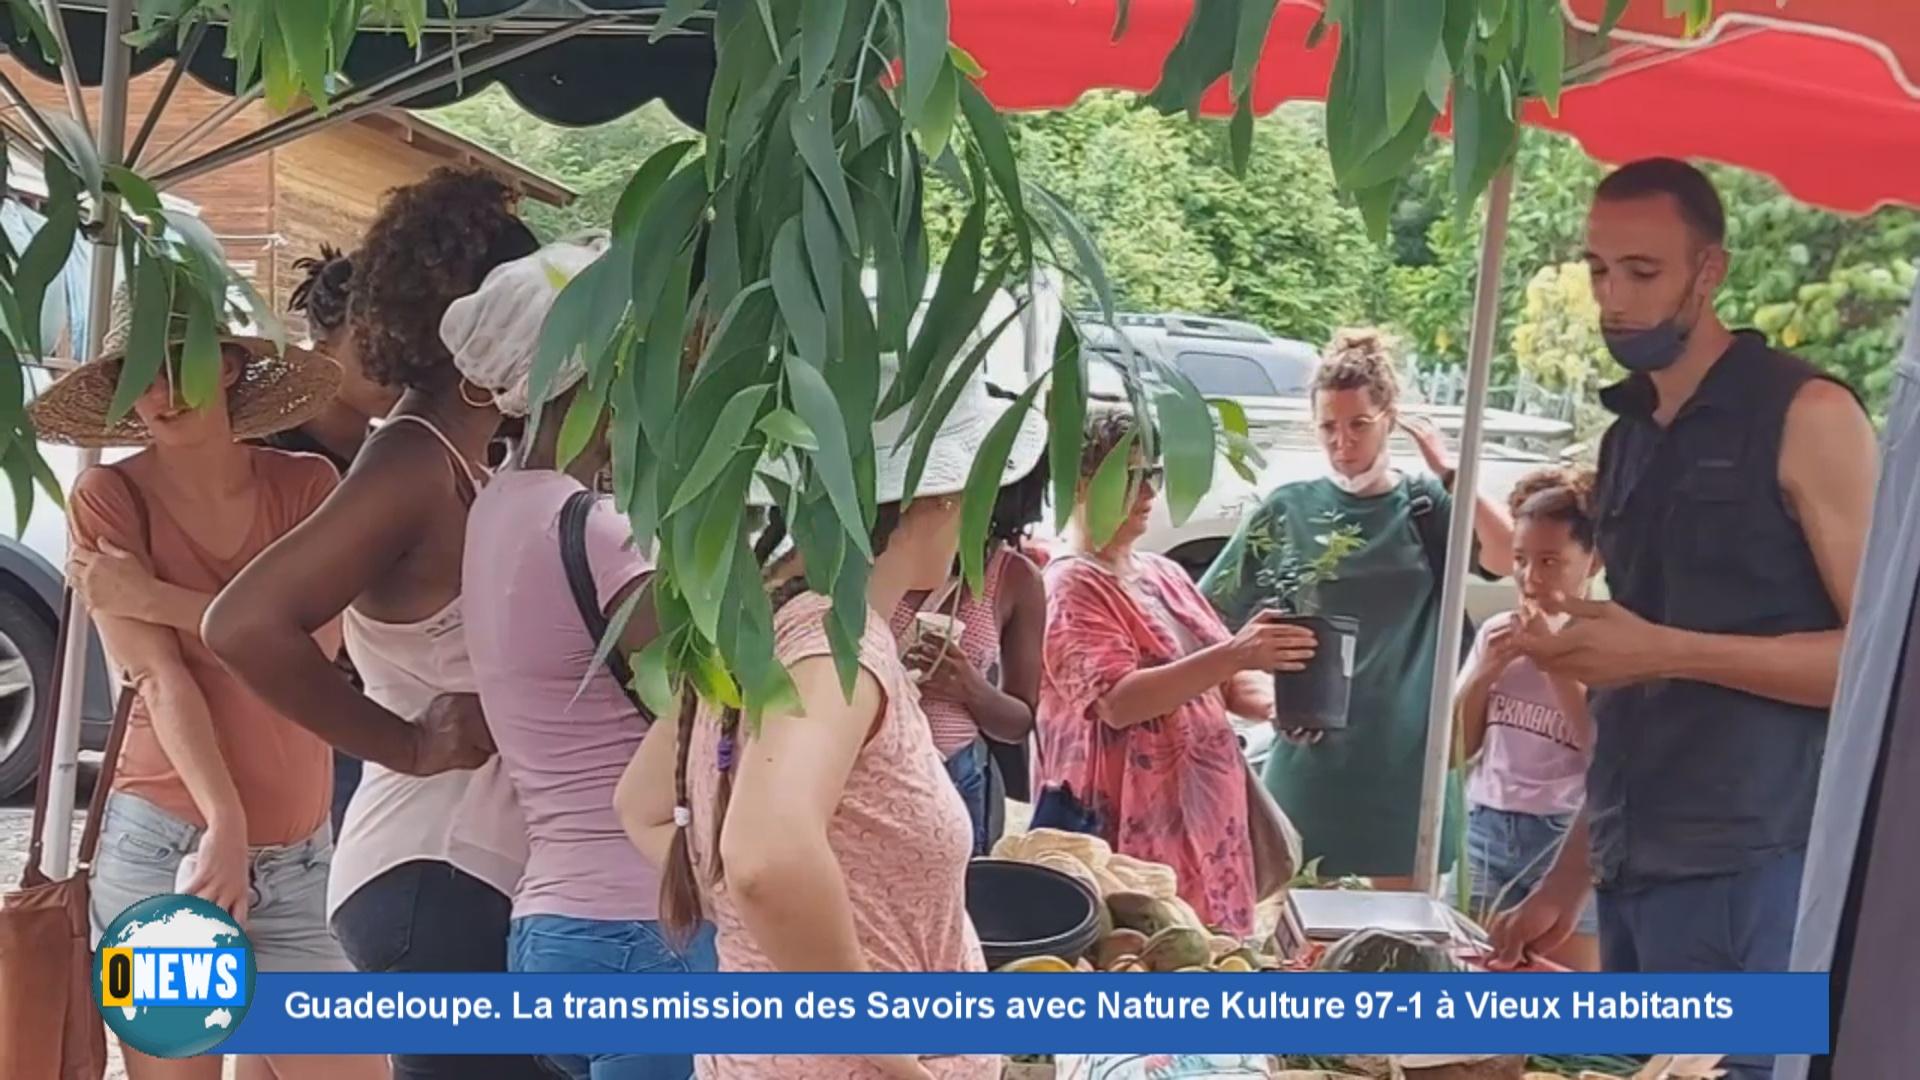 [Vidéo] Onews Guadeloupe. La transmission des Savoirs avec Nature Kulture 97-1 à Vieux Habitants